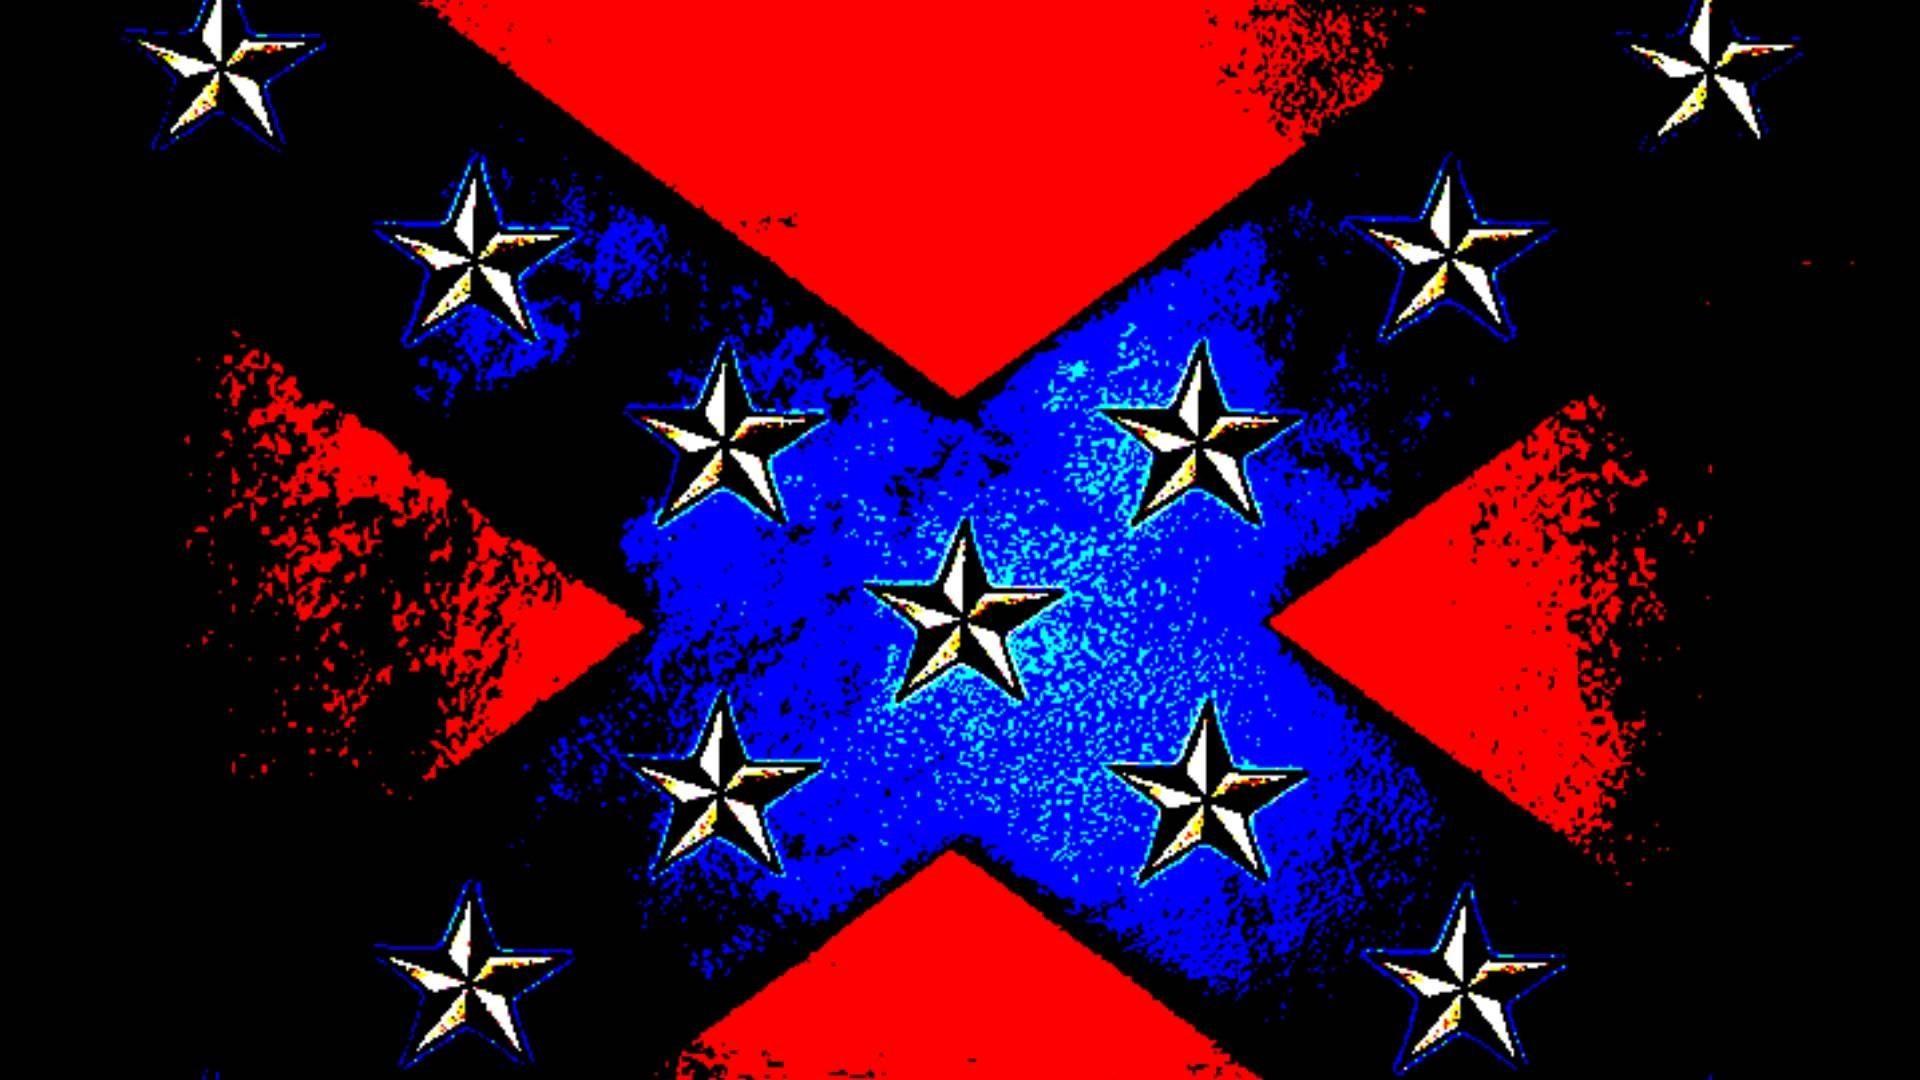 Bing Animated Wallpaper Rebel Flag Wallpaper 183 ① Download Free Stunning Hd